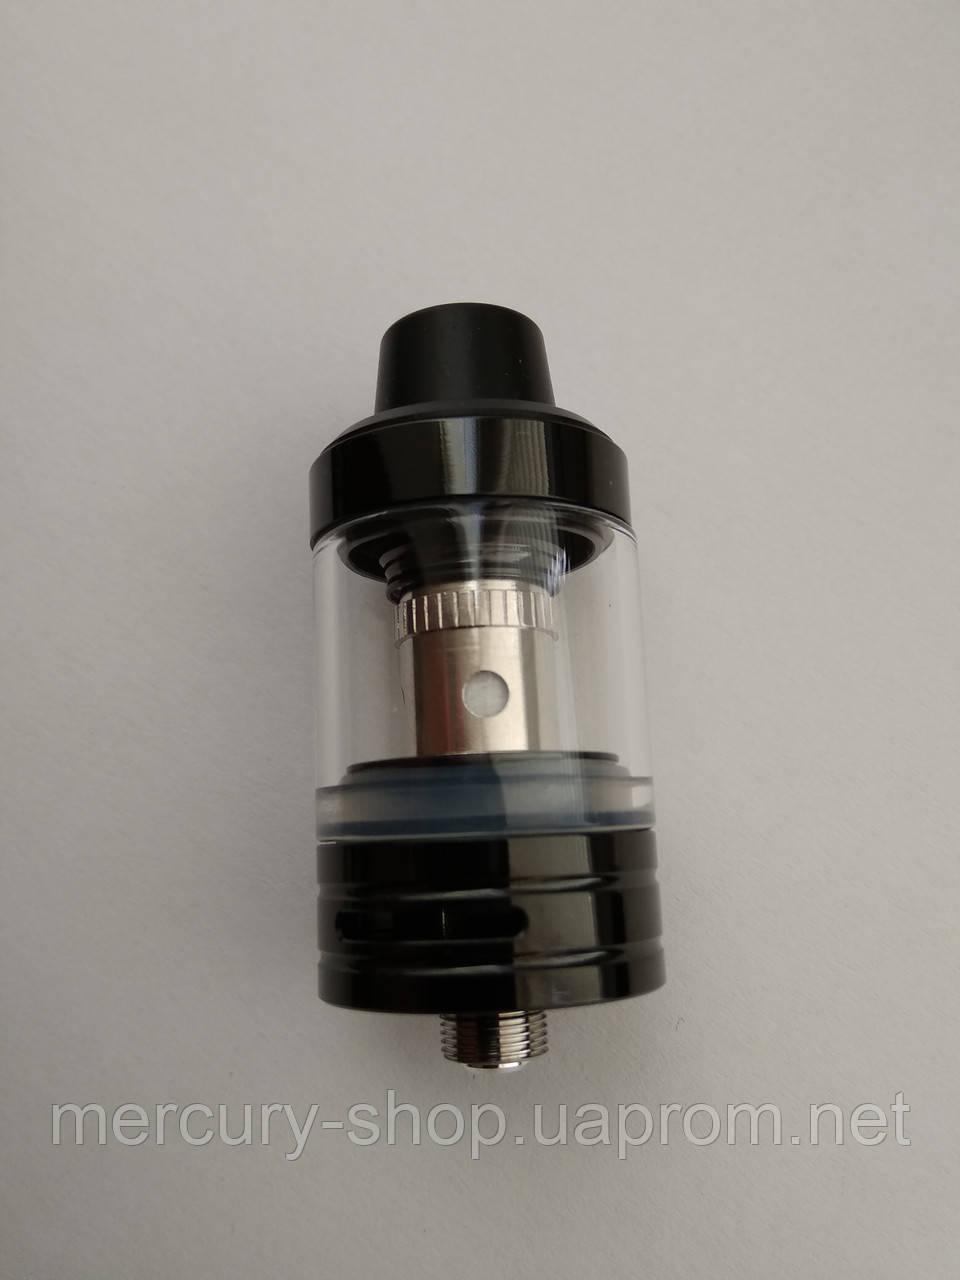 Бачёк на 22 мм для электронной сигареты